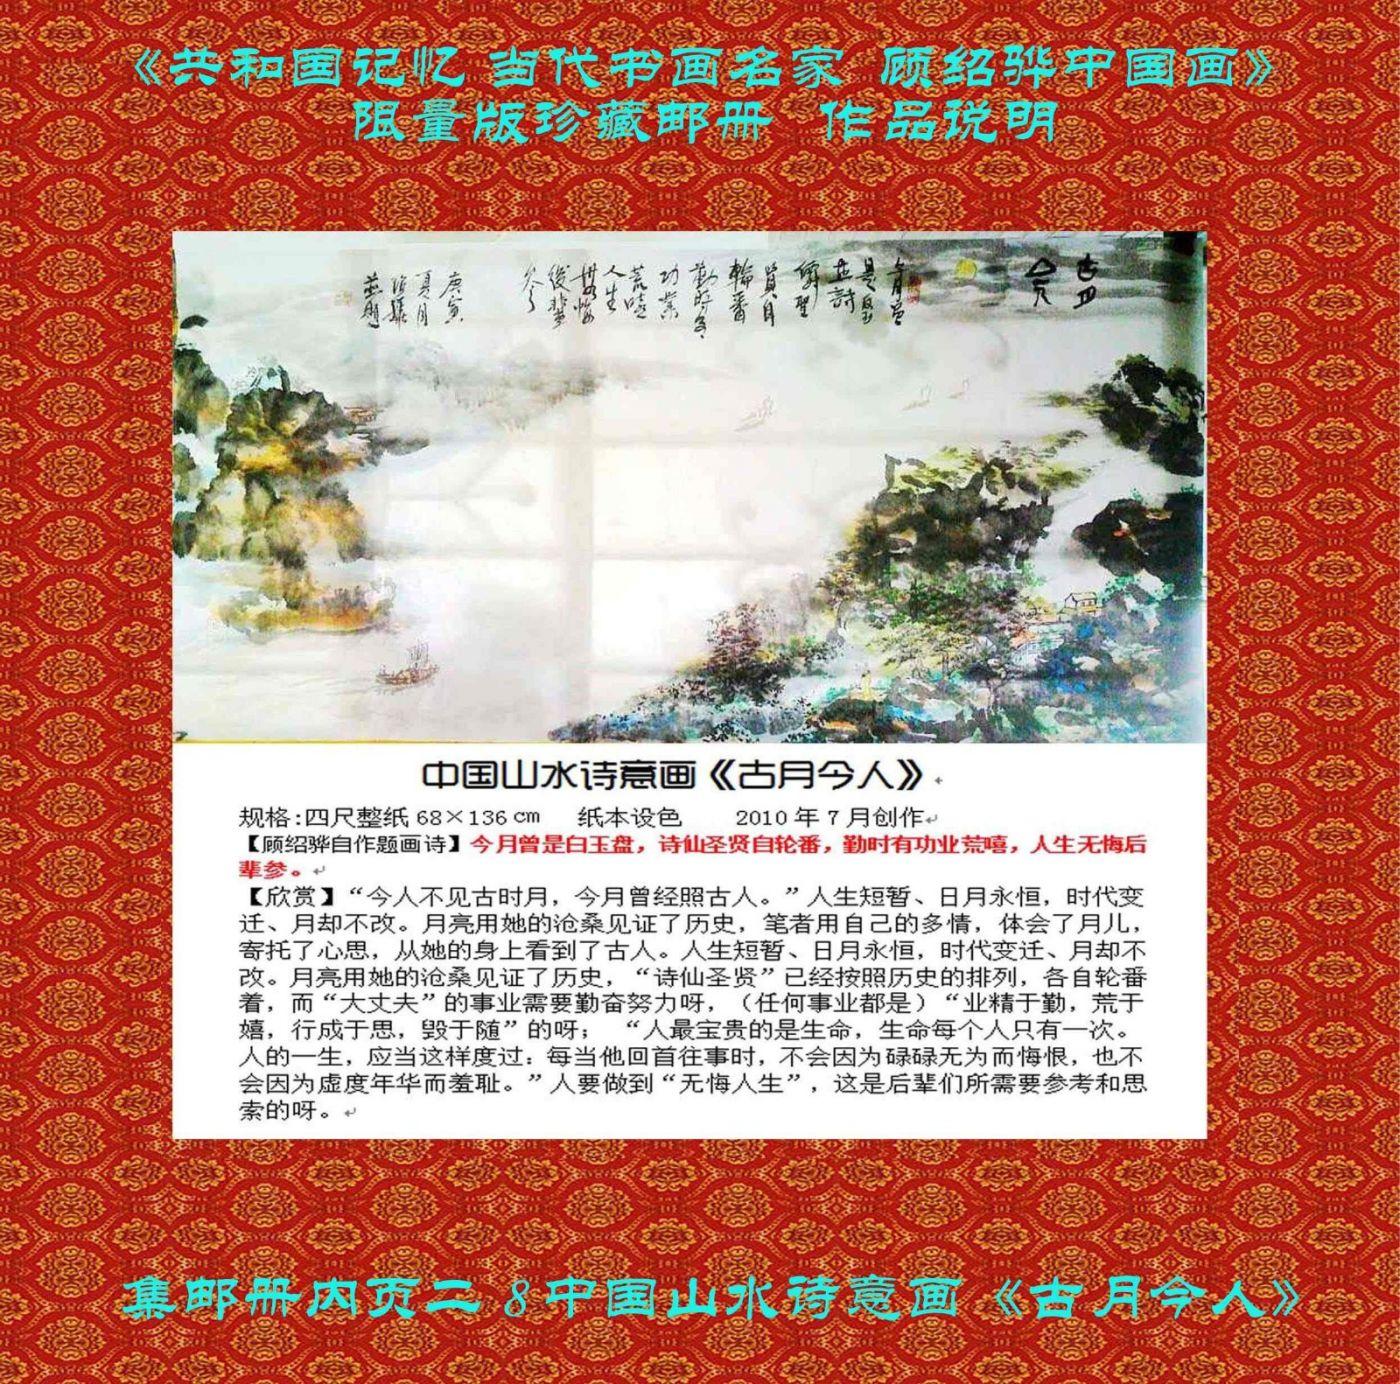 """""""顾绍骅的诗情画意""""入选《共和国记忆 ·中国书画艺术名家》限量版集邮珍藏册 ..._图1-11"""